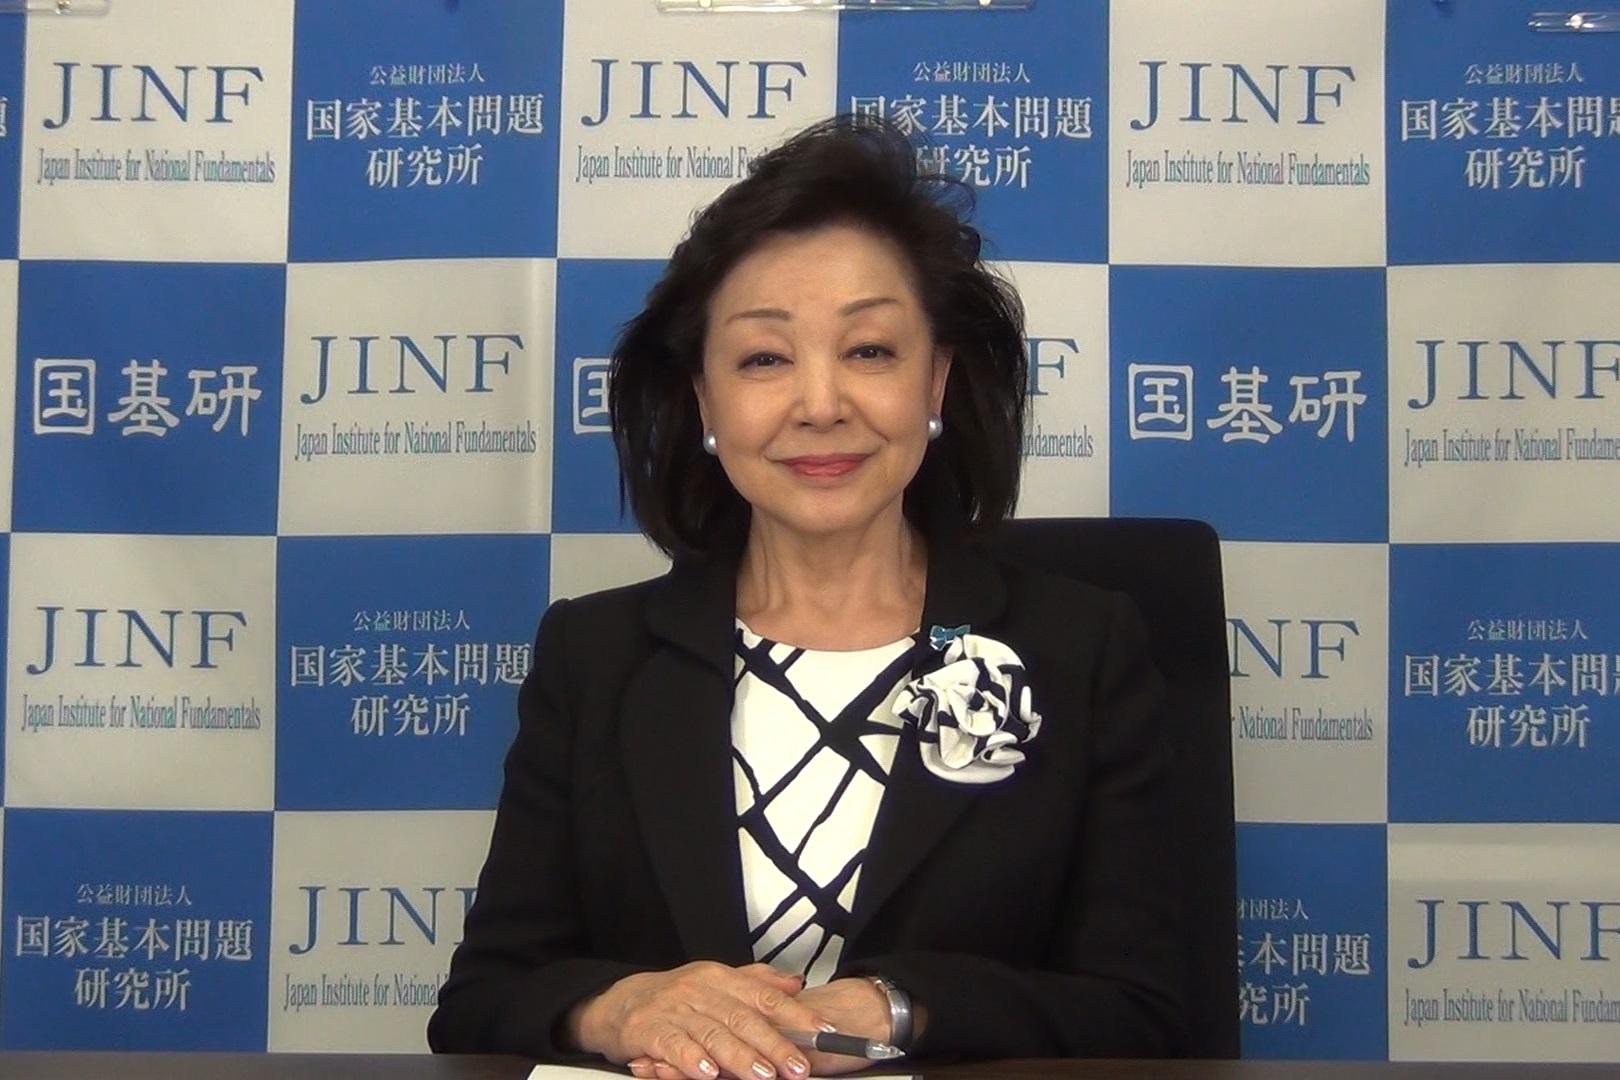 国基研特別座談会 『新型コロナウイルスの災厄-習近平体制の限界と日本の覚悟』